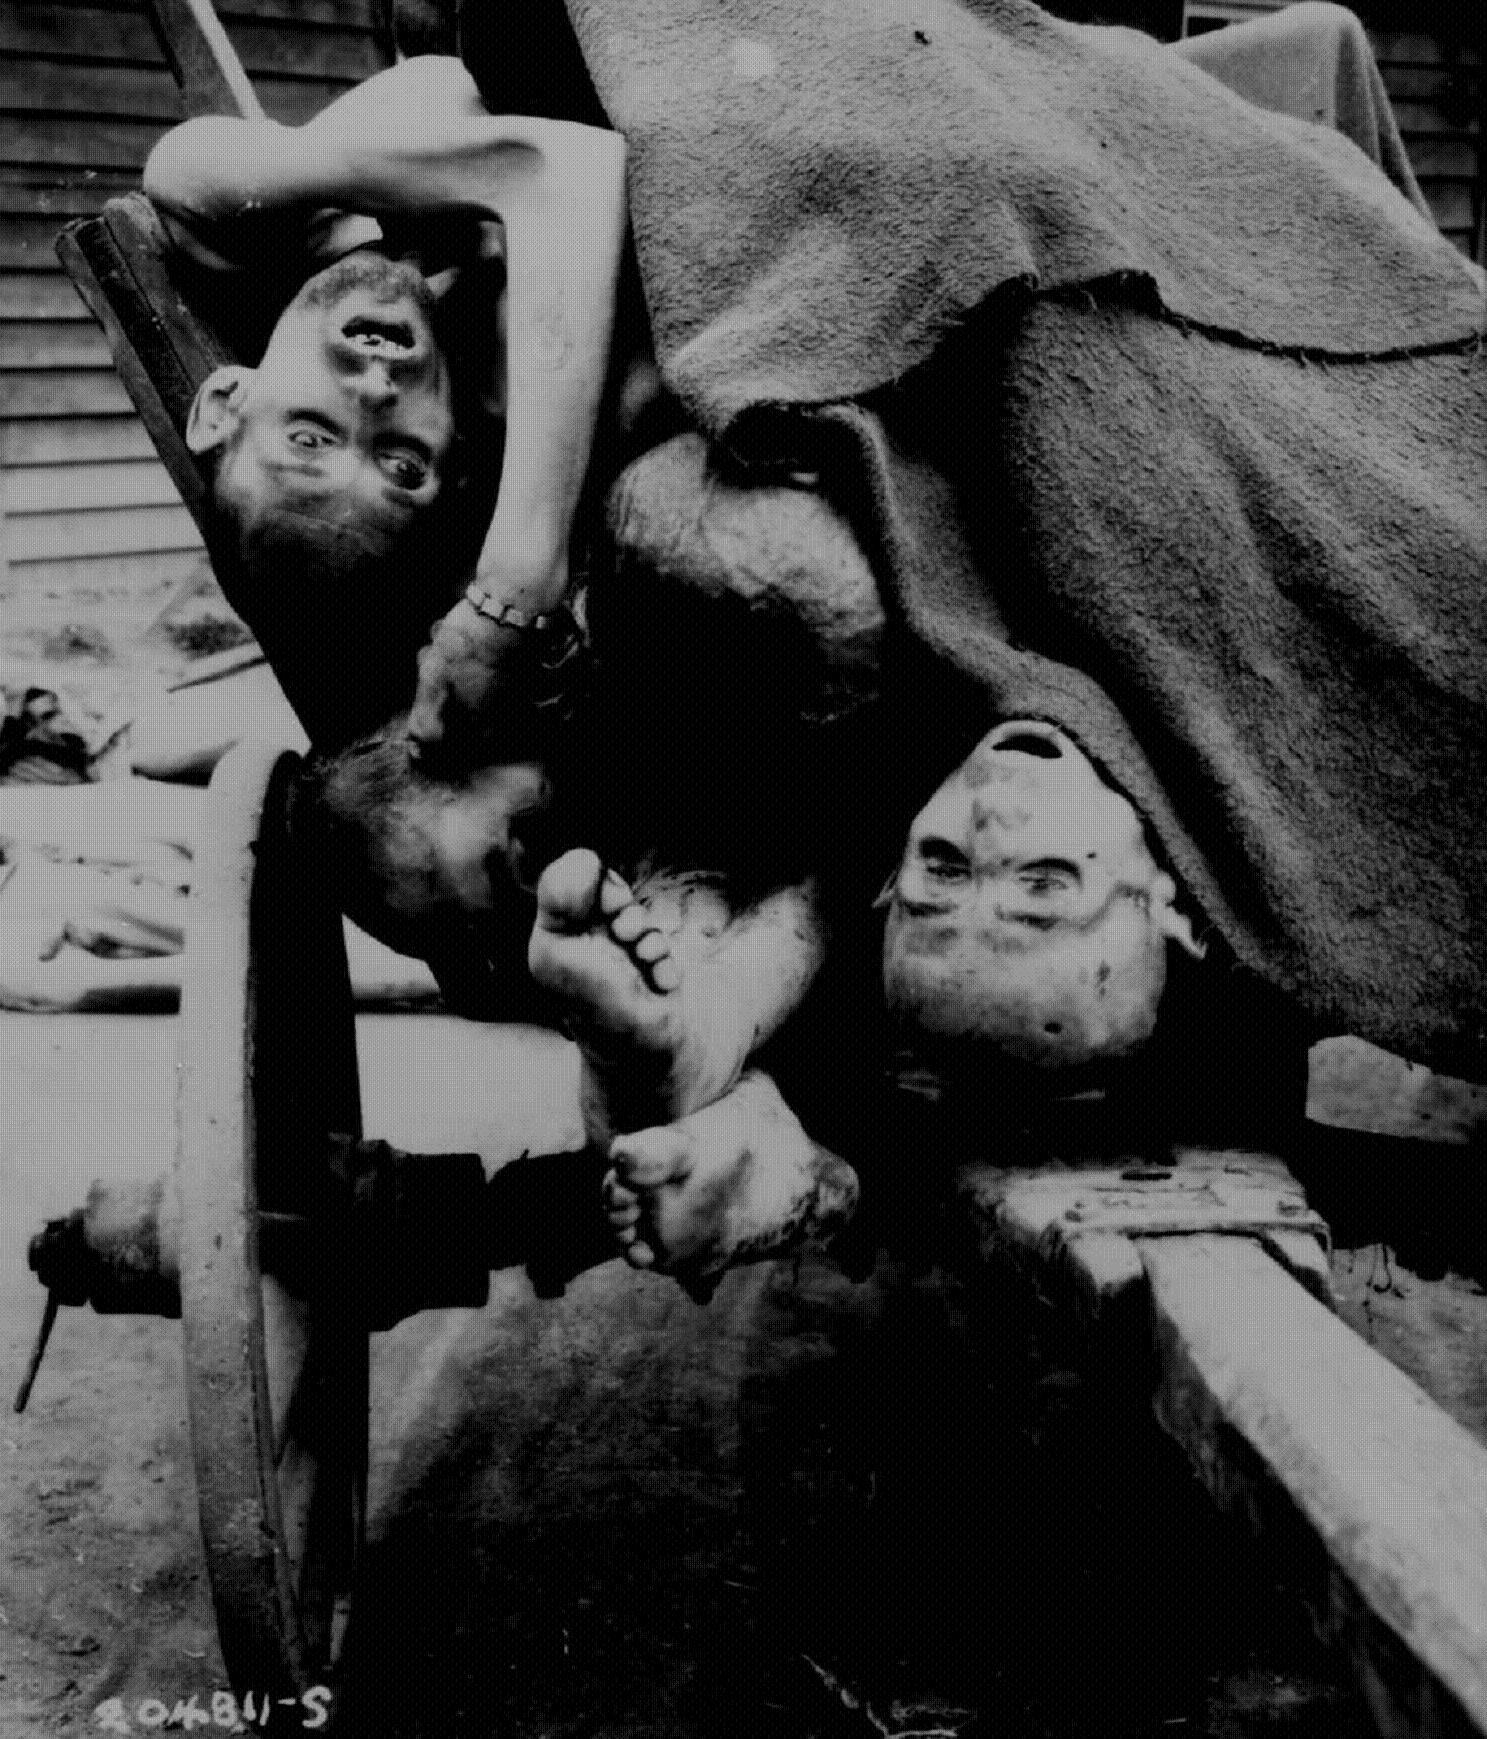 Ὁλοκαύτωμα ἤ γενοκτονία;2